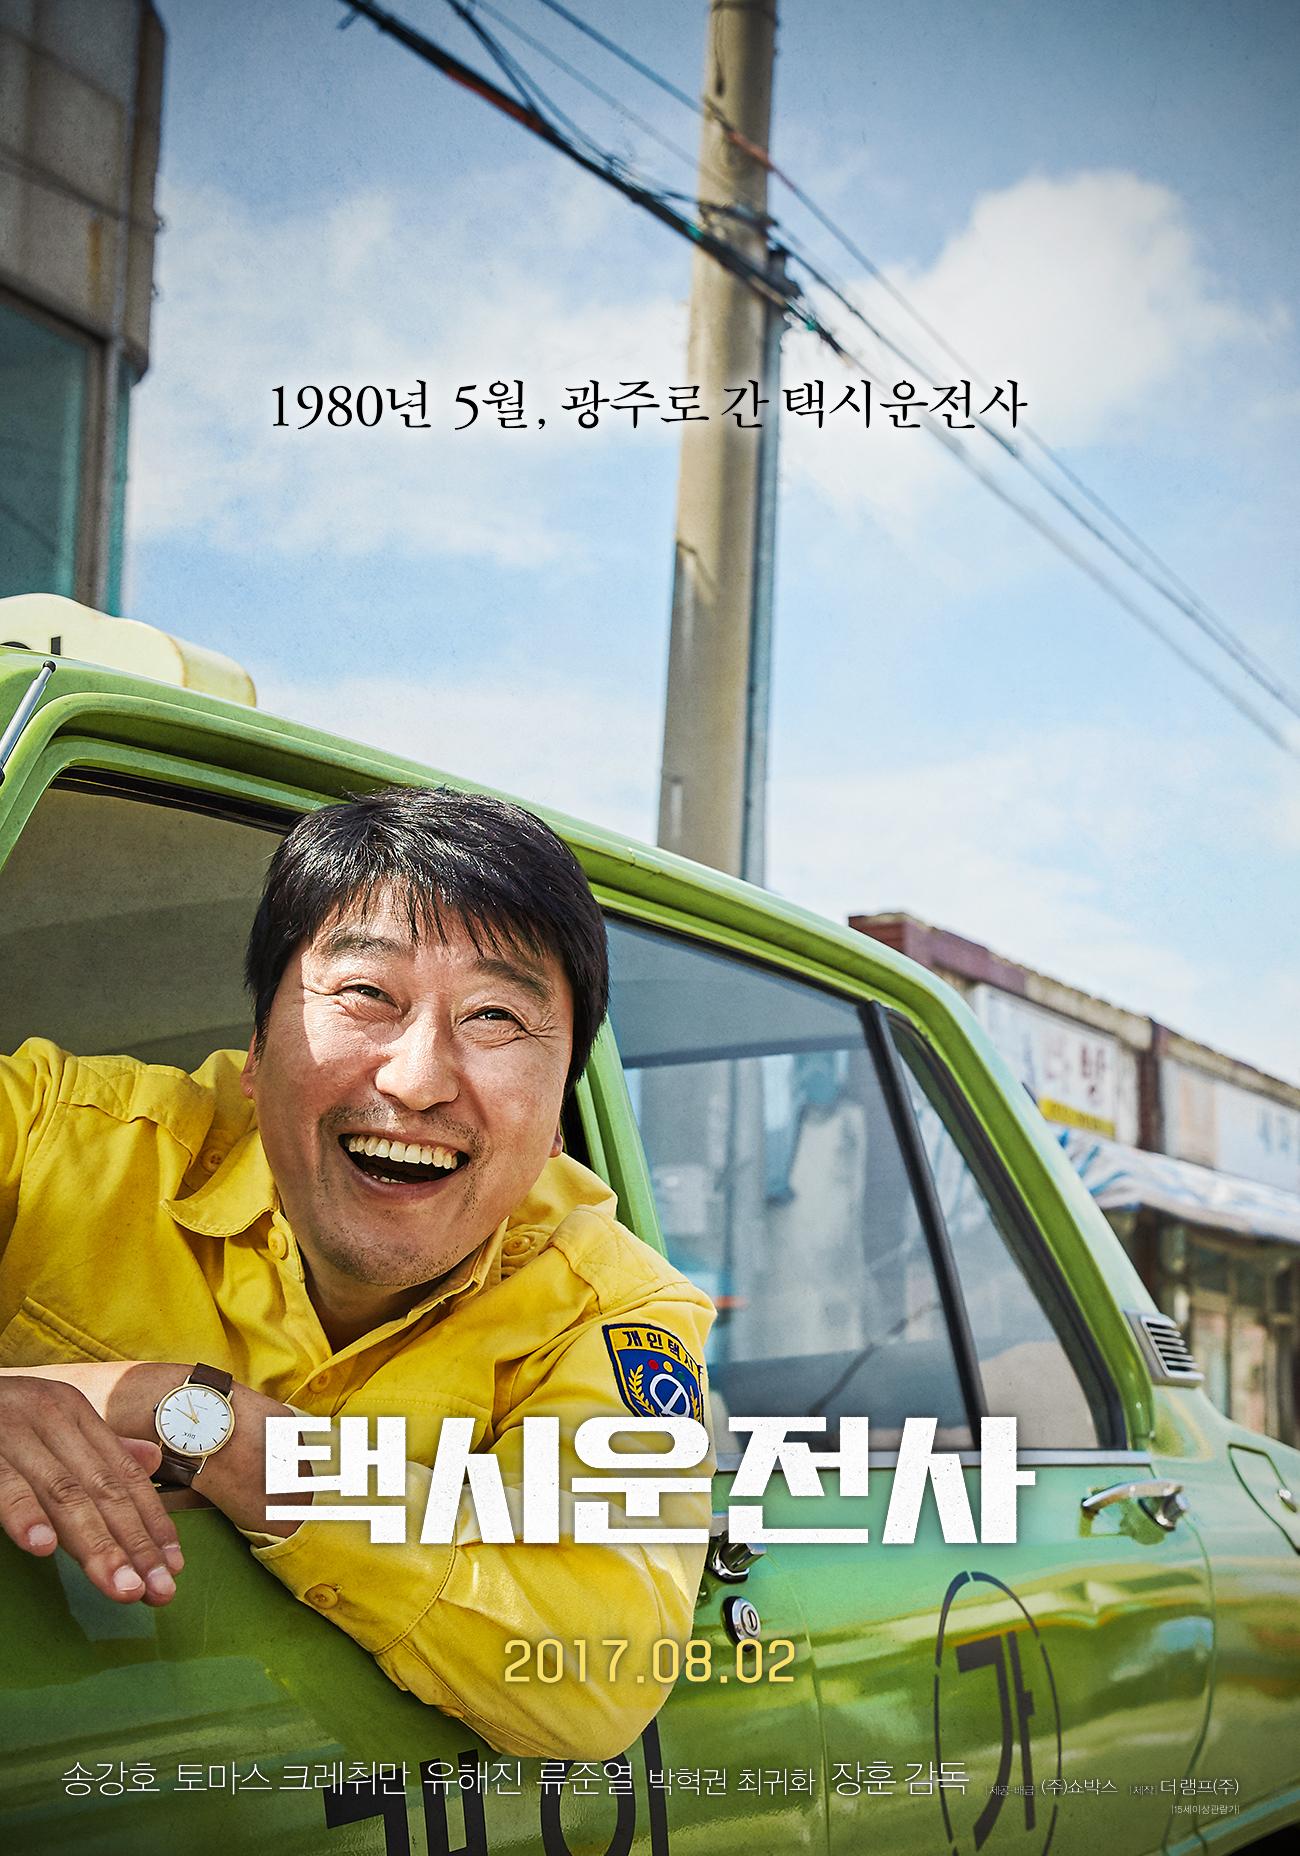 [무비톡] 키워드로 본 올해의 한국영화들 #2017총결산(20)